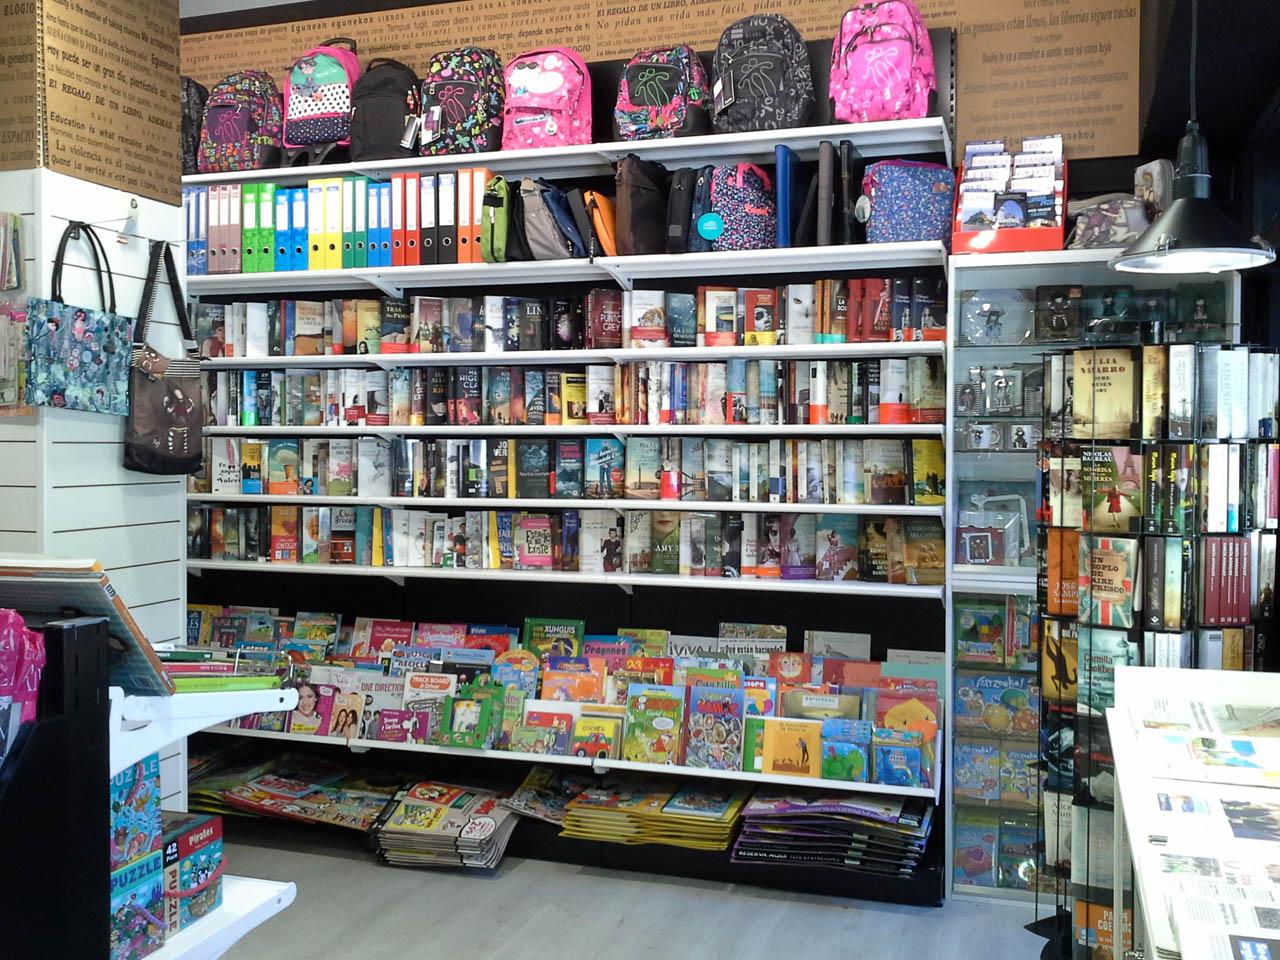 Mobiliario para librer as papeler as y bibliotecas - Mobiliario para libreria ...